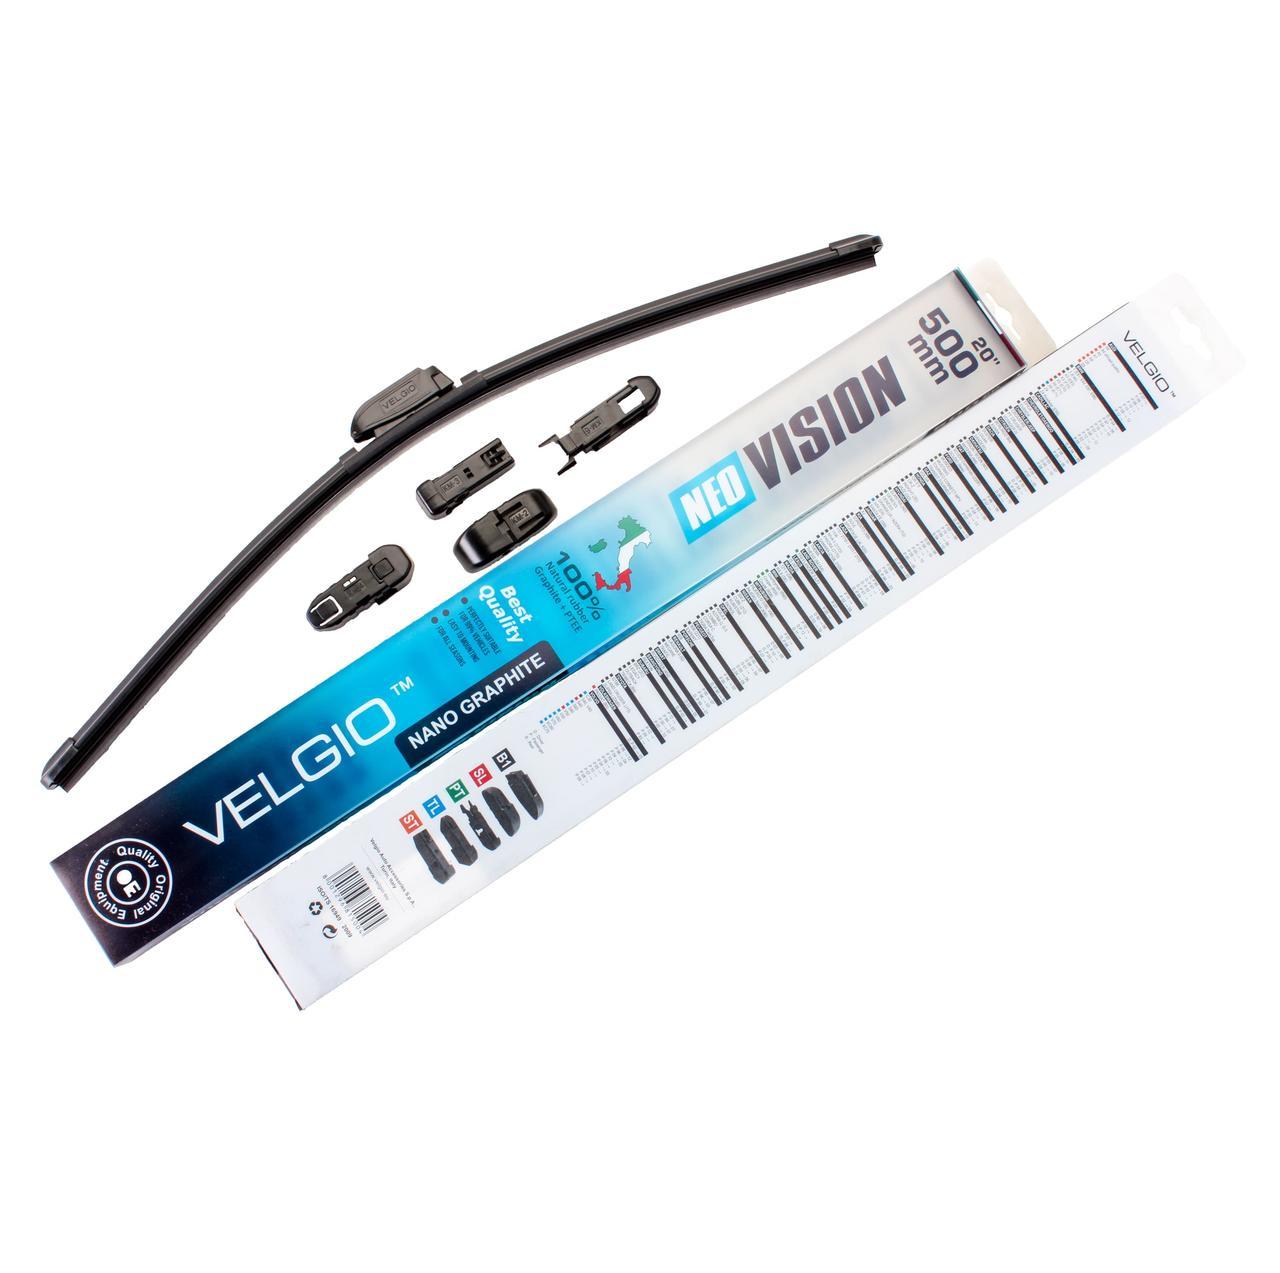 Дворники для авто Velgio Neo Vision 20in / 500мм